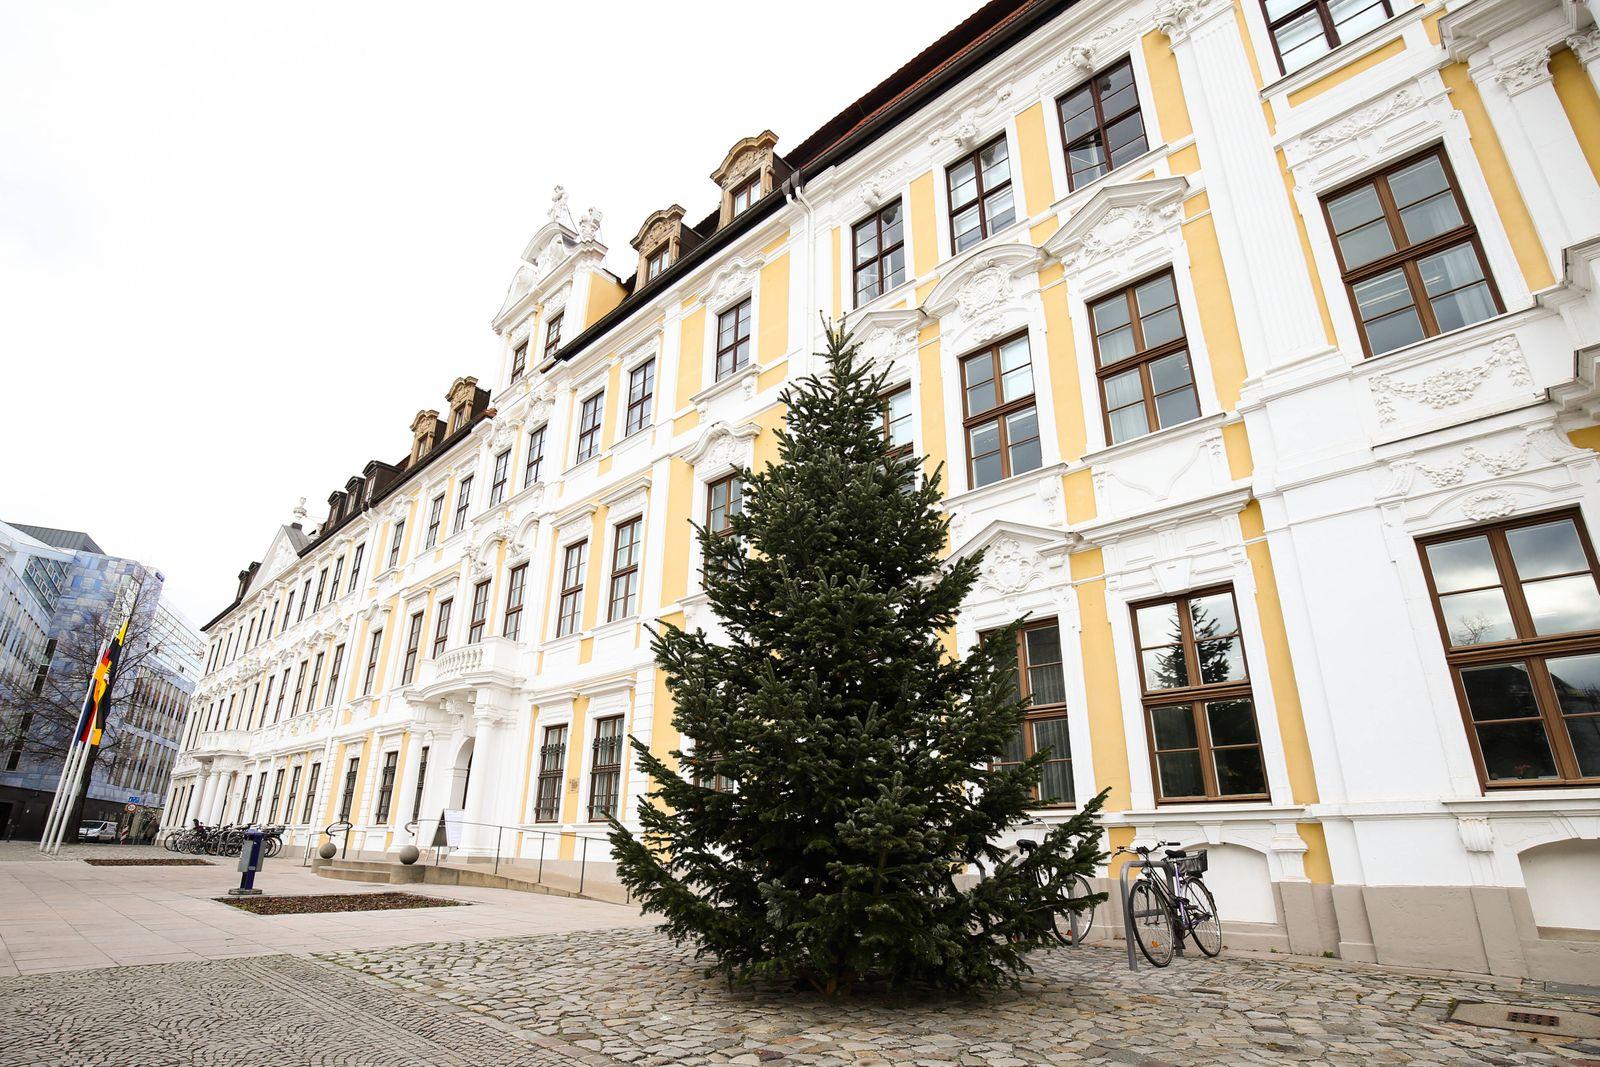 Am Mittwoch wurde der Weihnachtsbaum fuer den Landtag Sachsen Anhalt von der Firma Gatenda Garten und Landschaftsbau auf